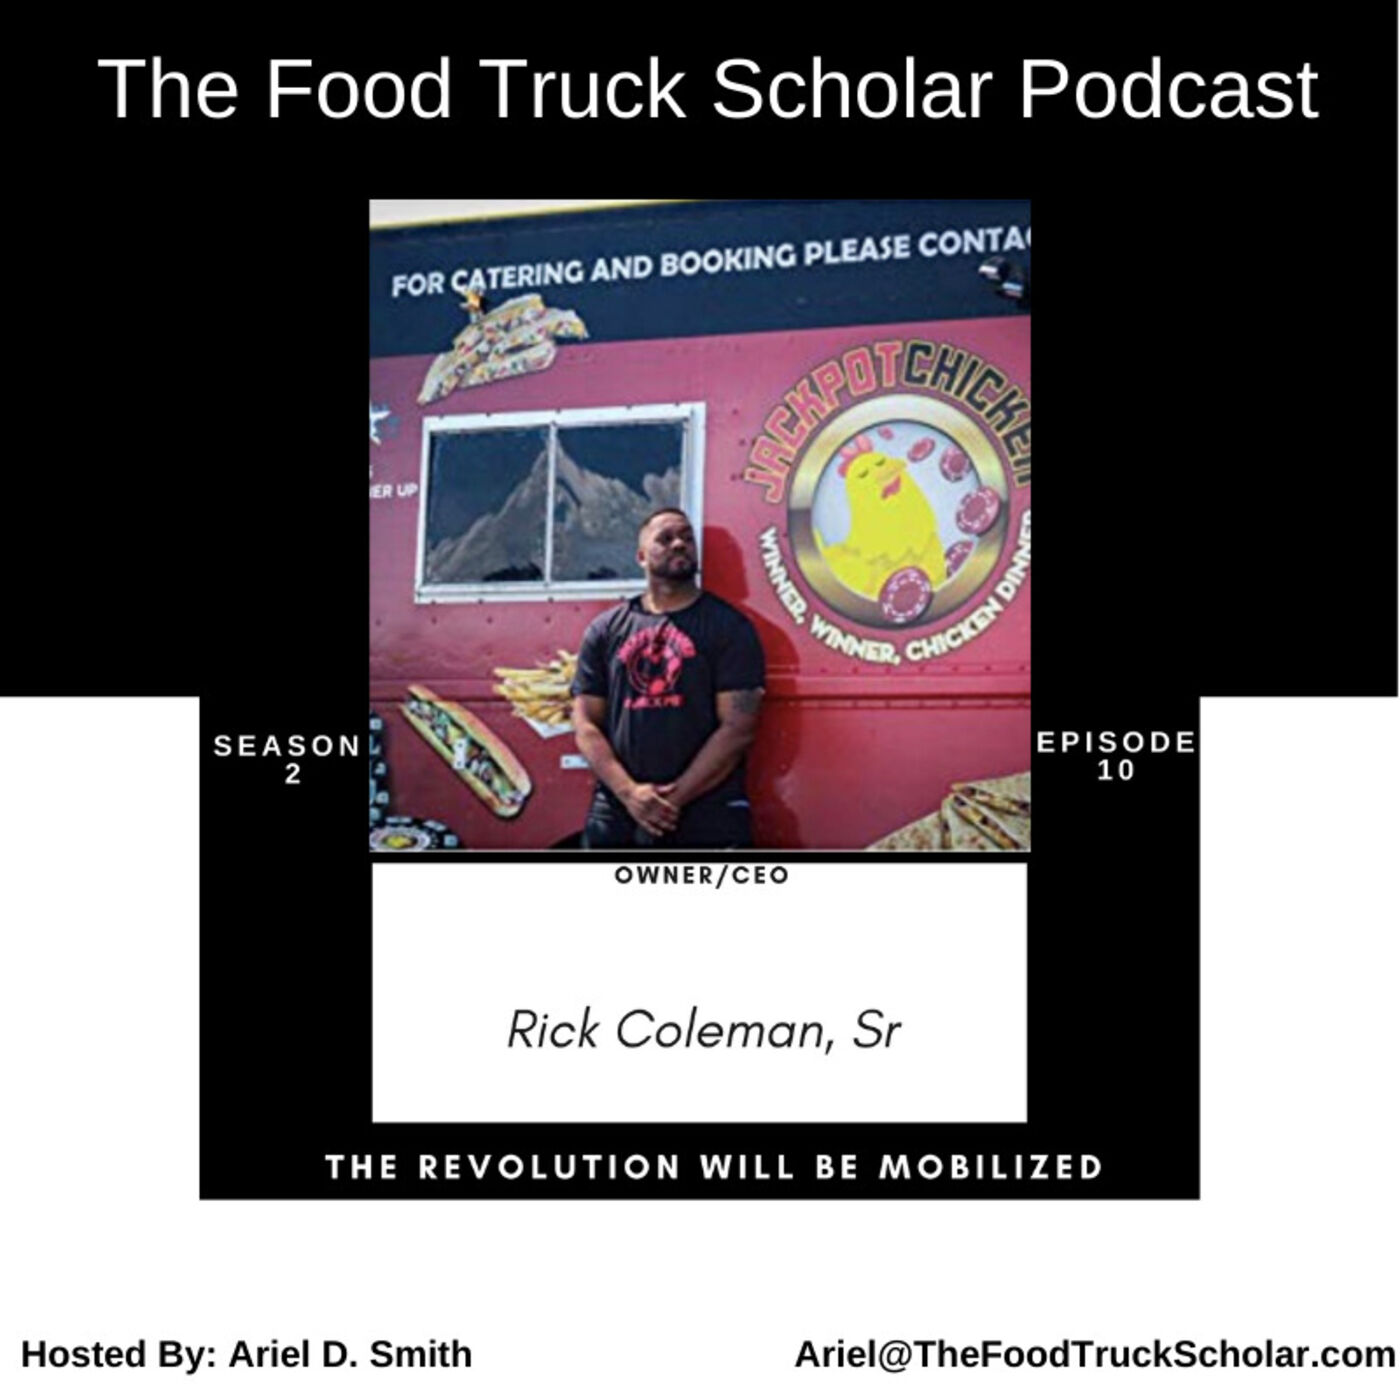 Rick Coleman, Sr: Jackpot Chicken Food Truck